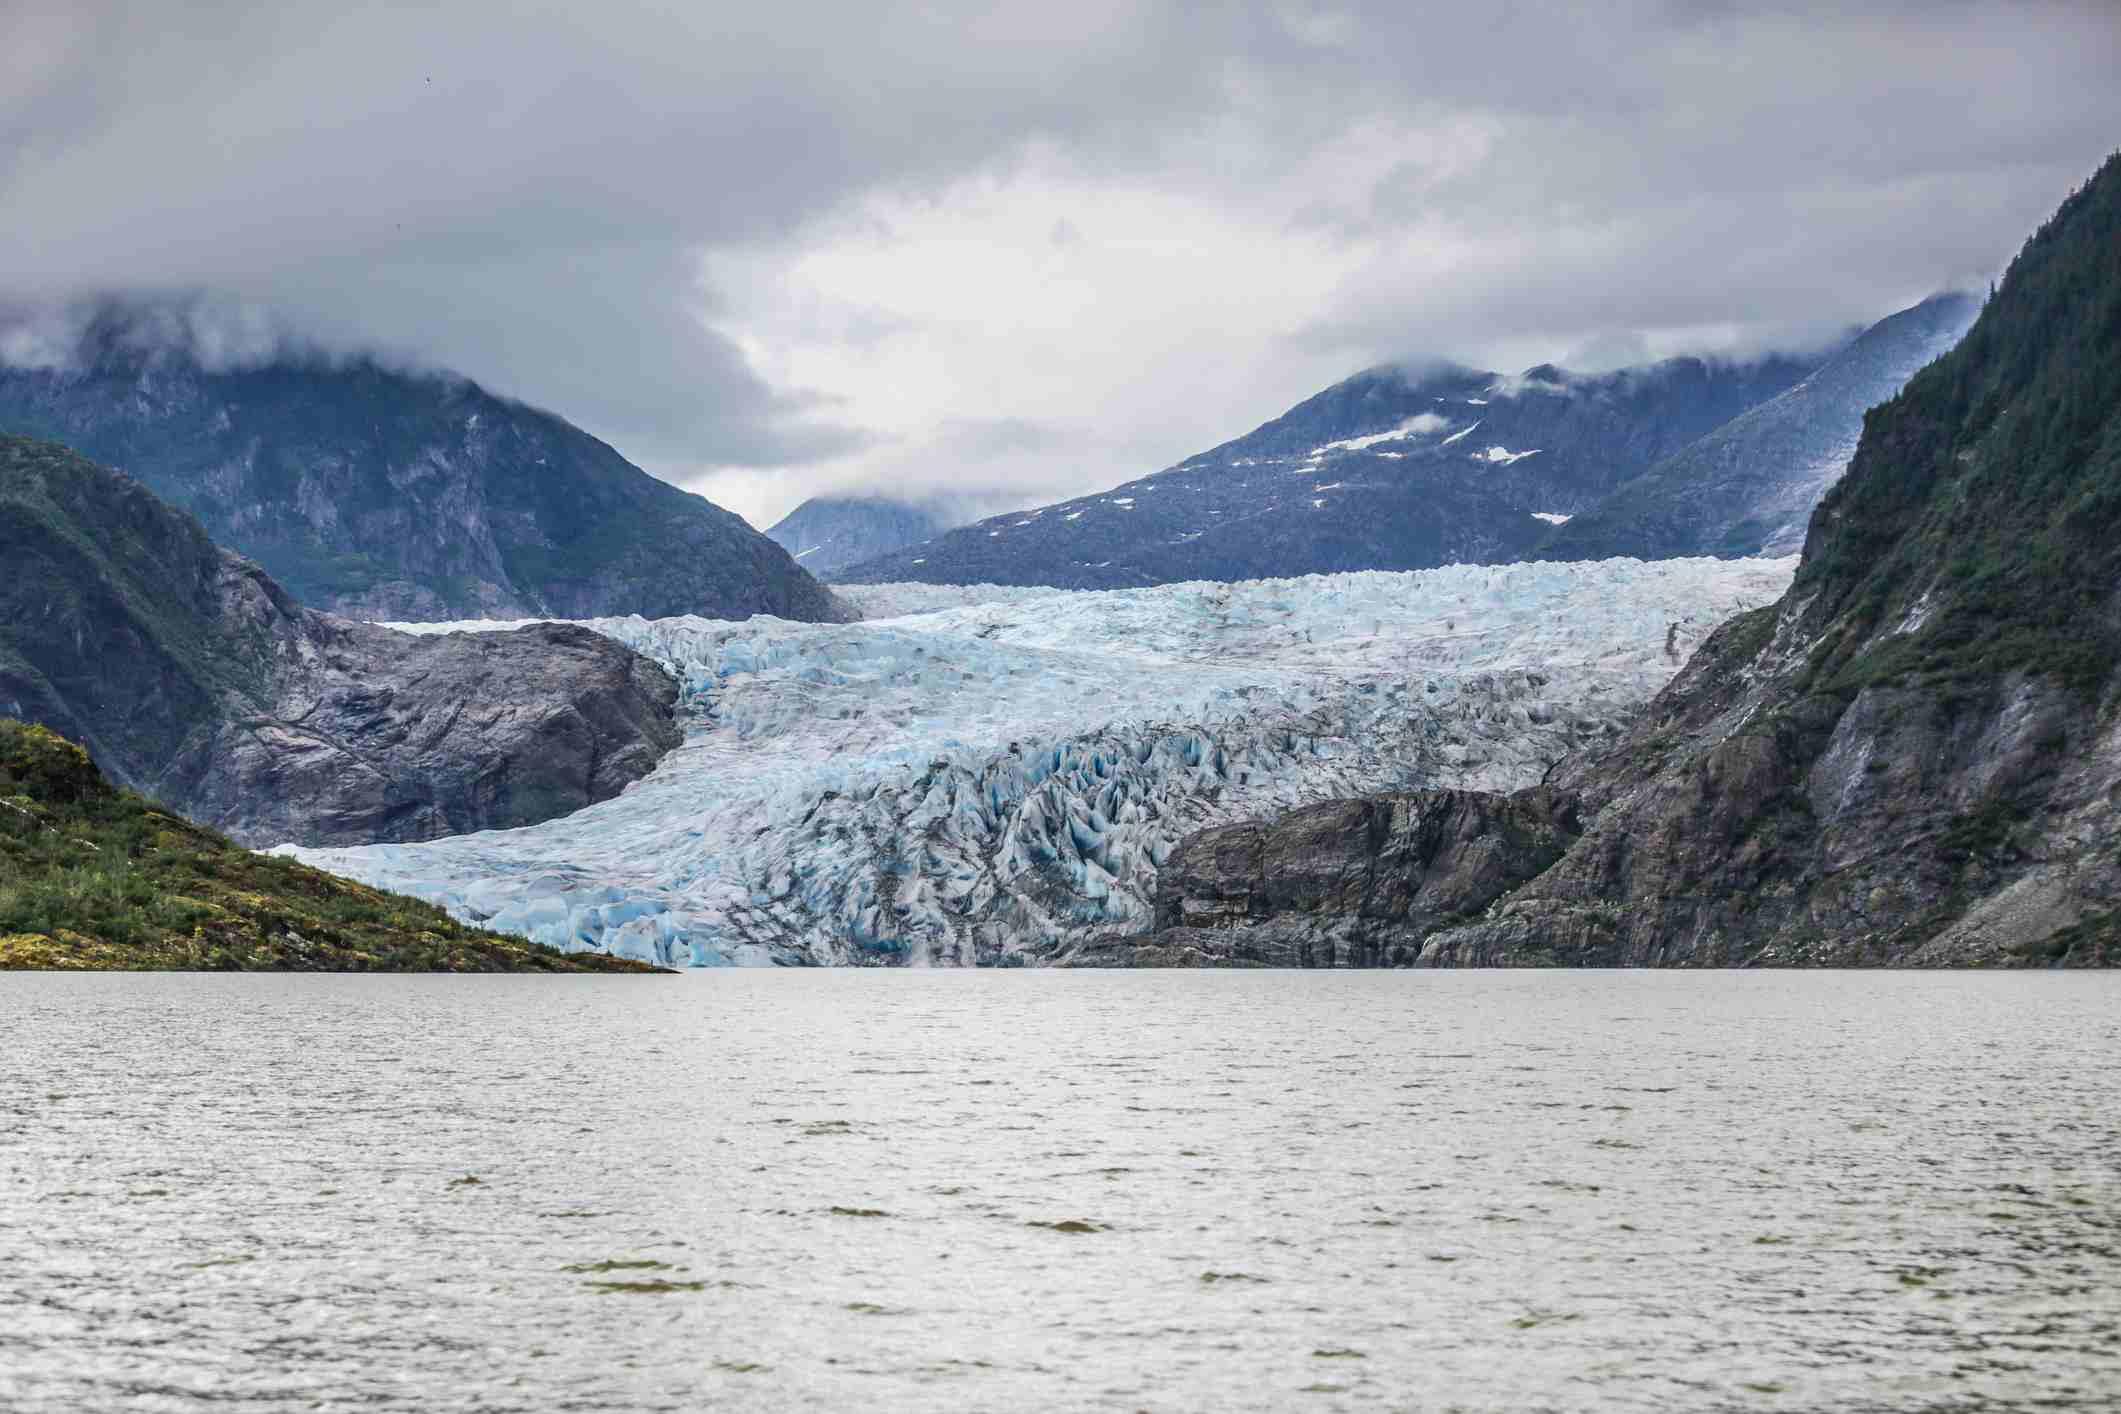 The Mendenhall Glacier in Juneau, Alaska